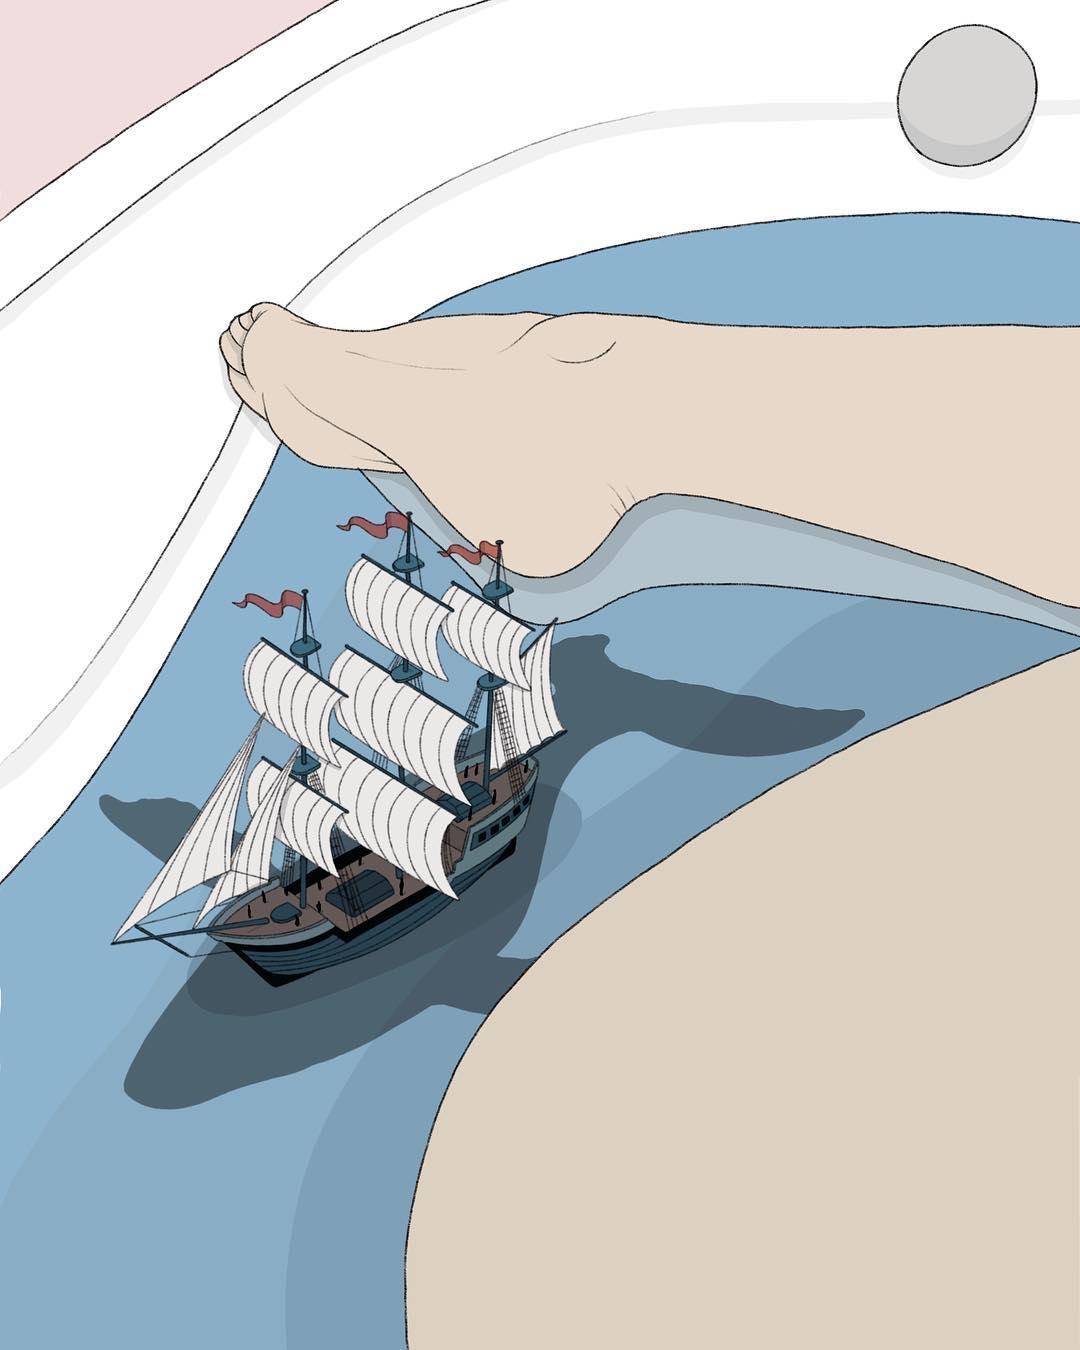 Le illustrazioni innamorate di Pietro Tenuta aka maniacodamore | Collater.al 1